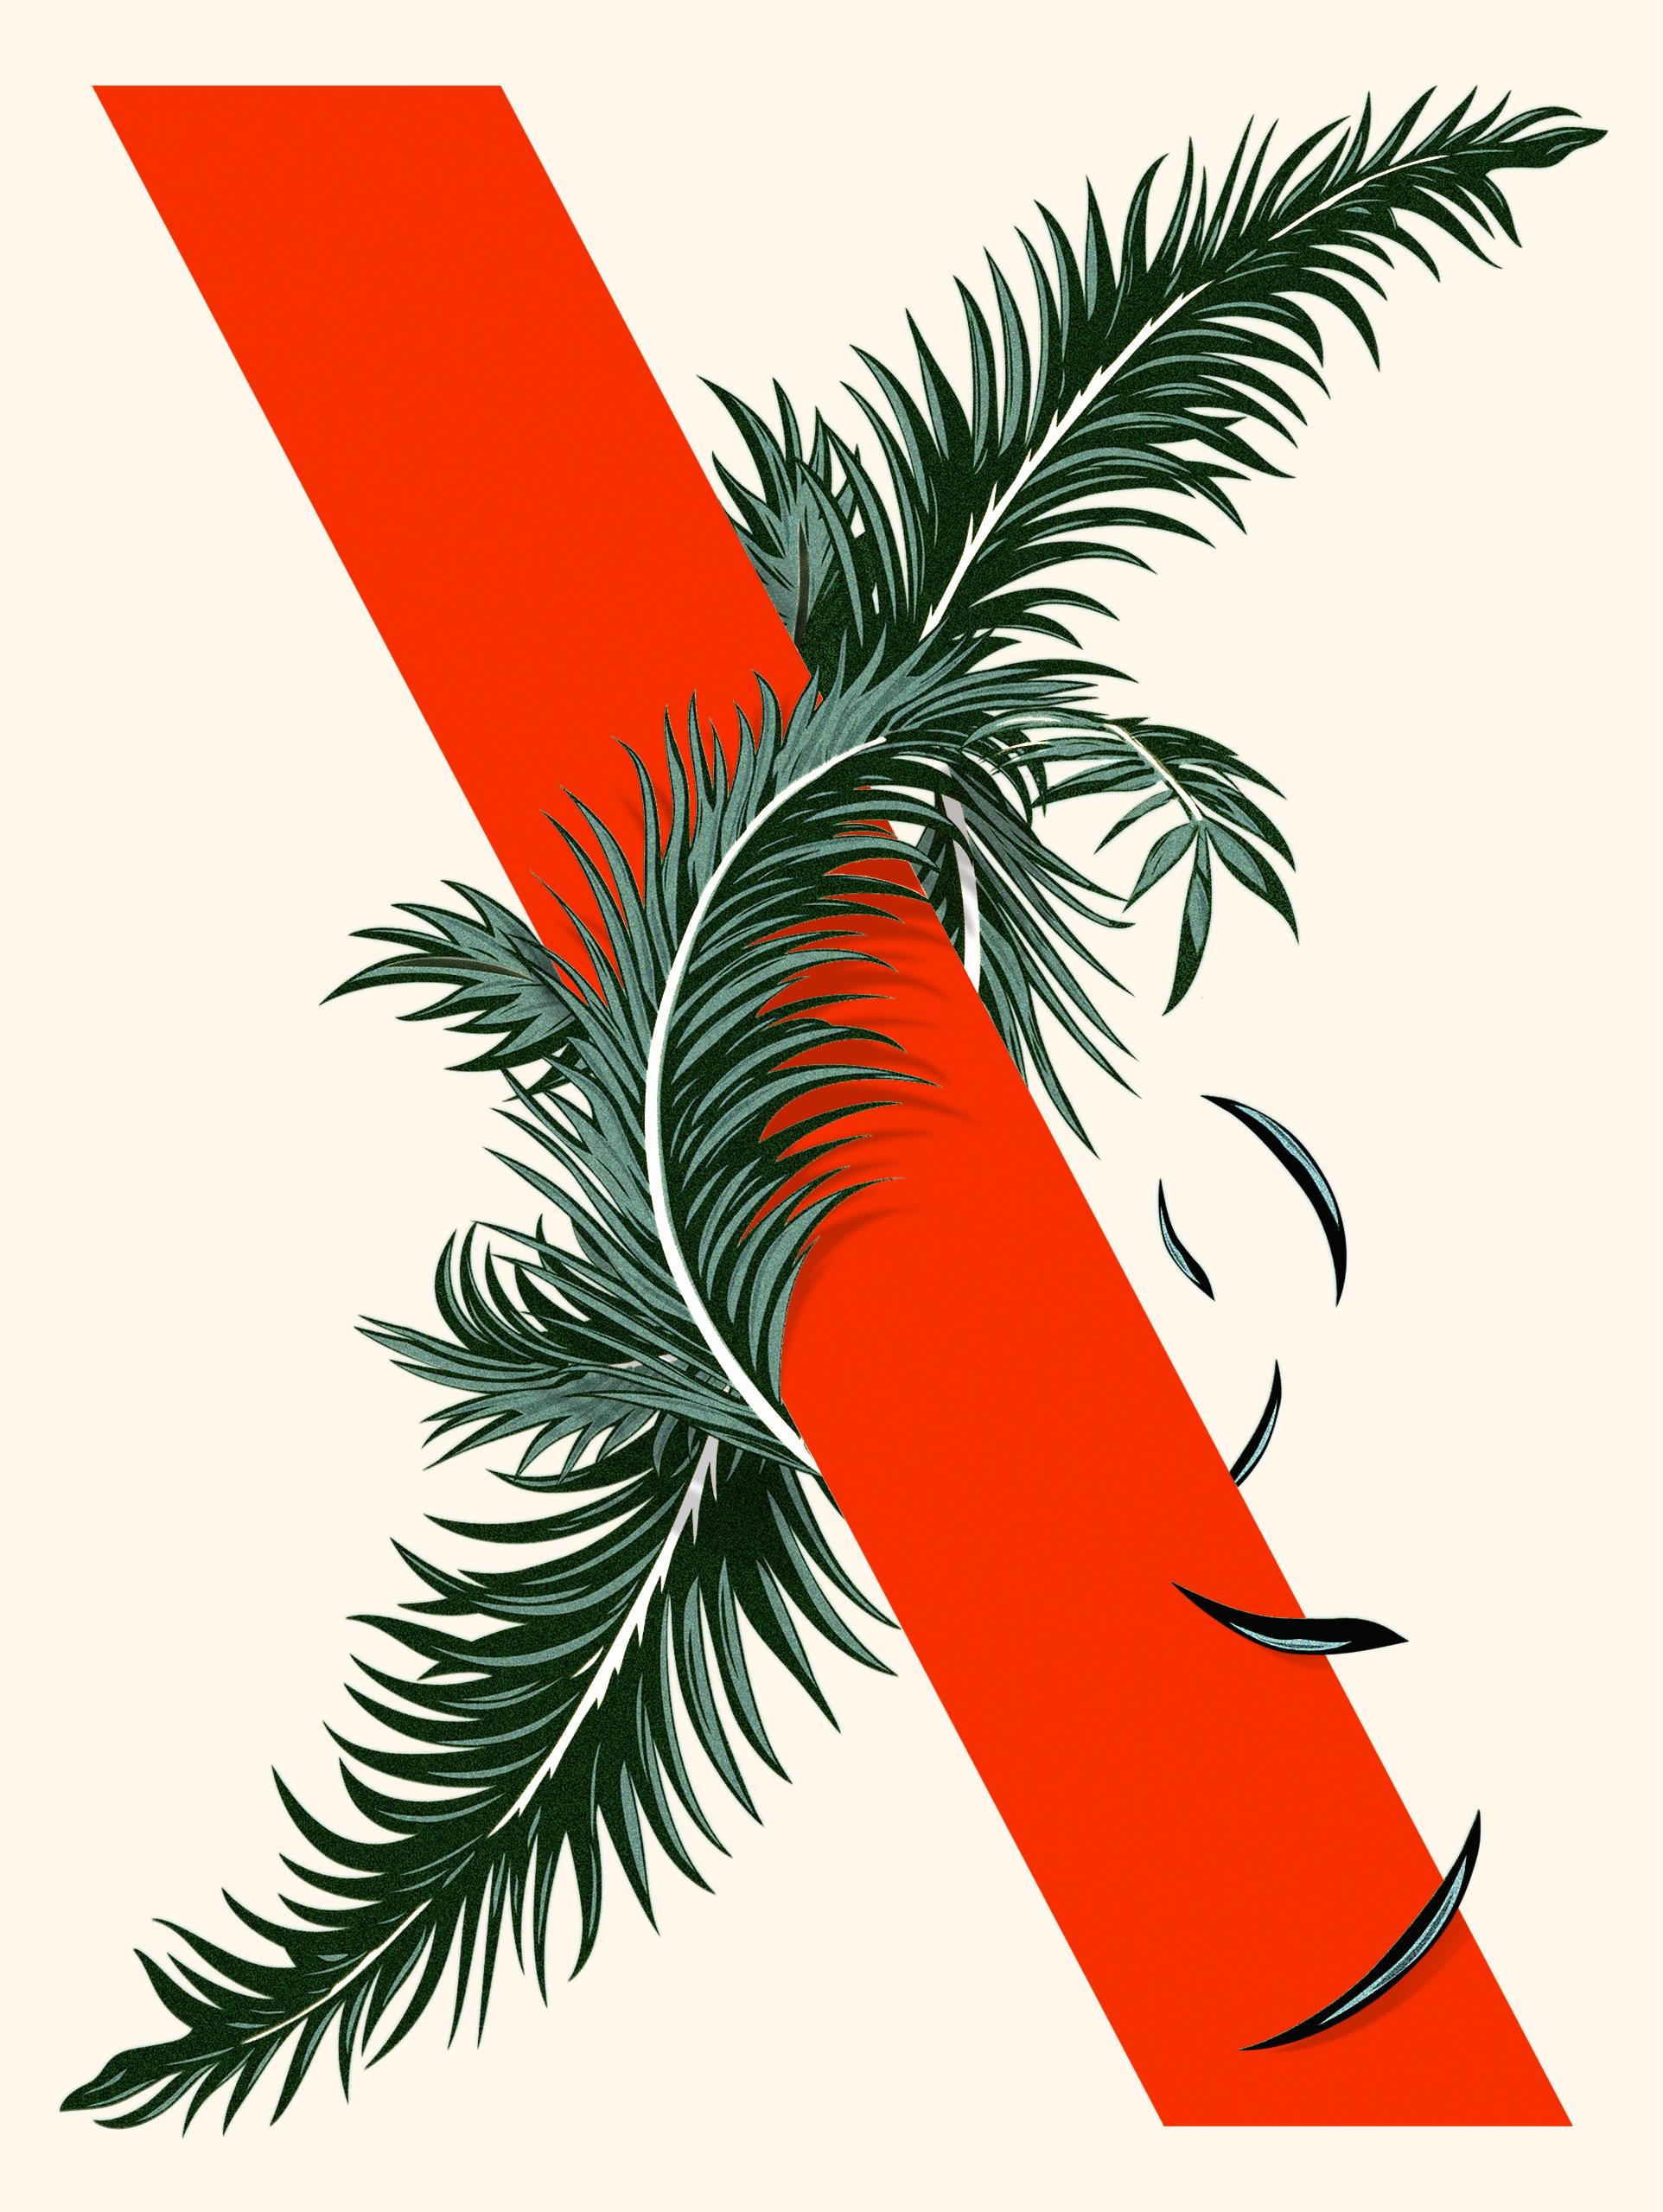 La couverture du livre Area X: The Southern Reach Trilogy de Jeff Vandermeer